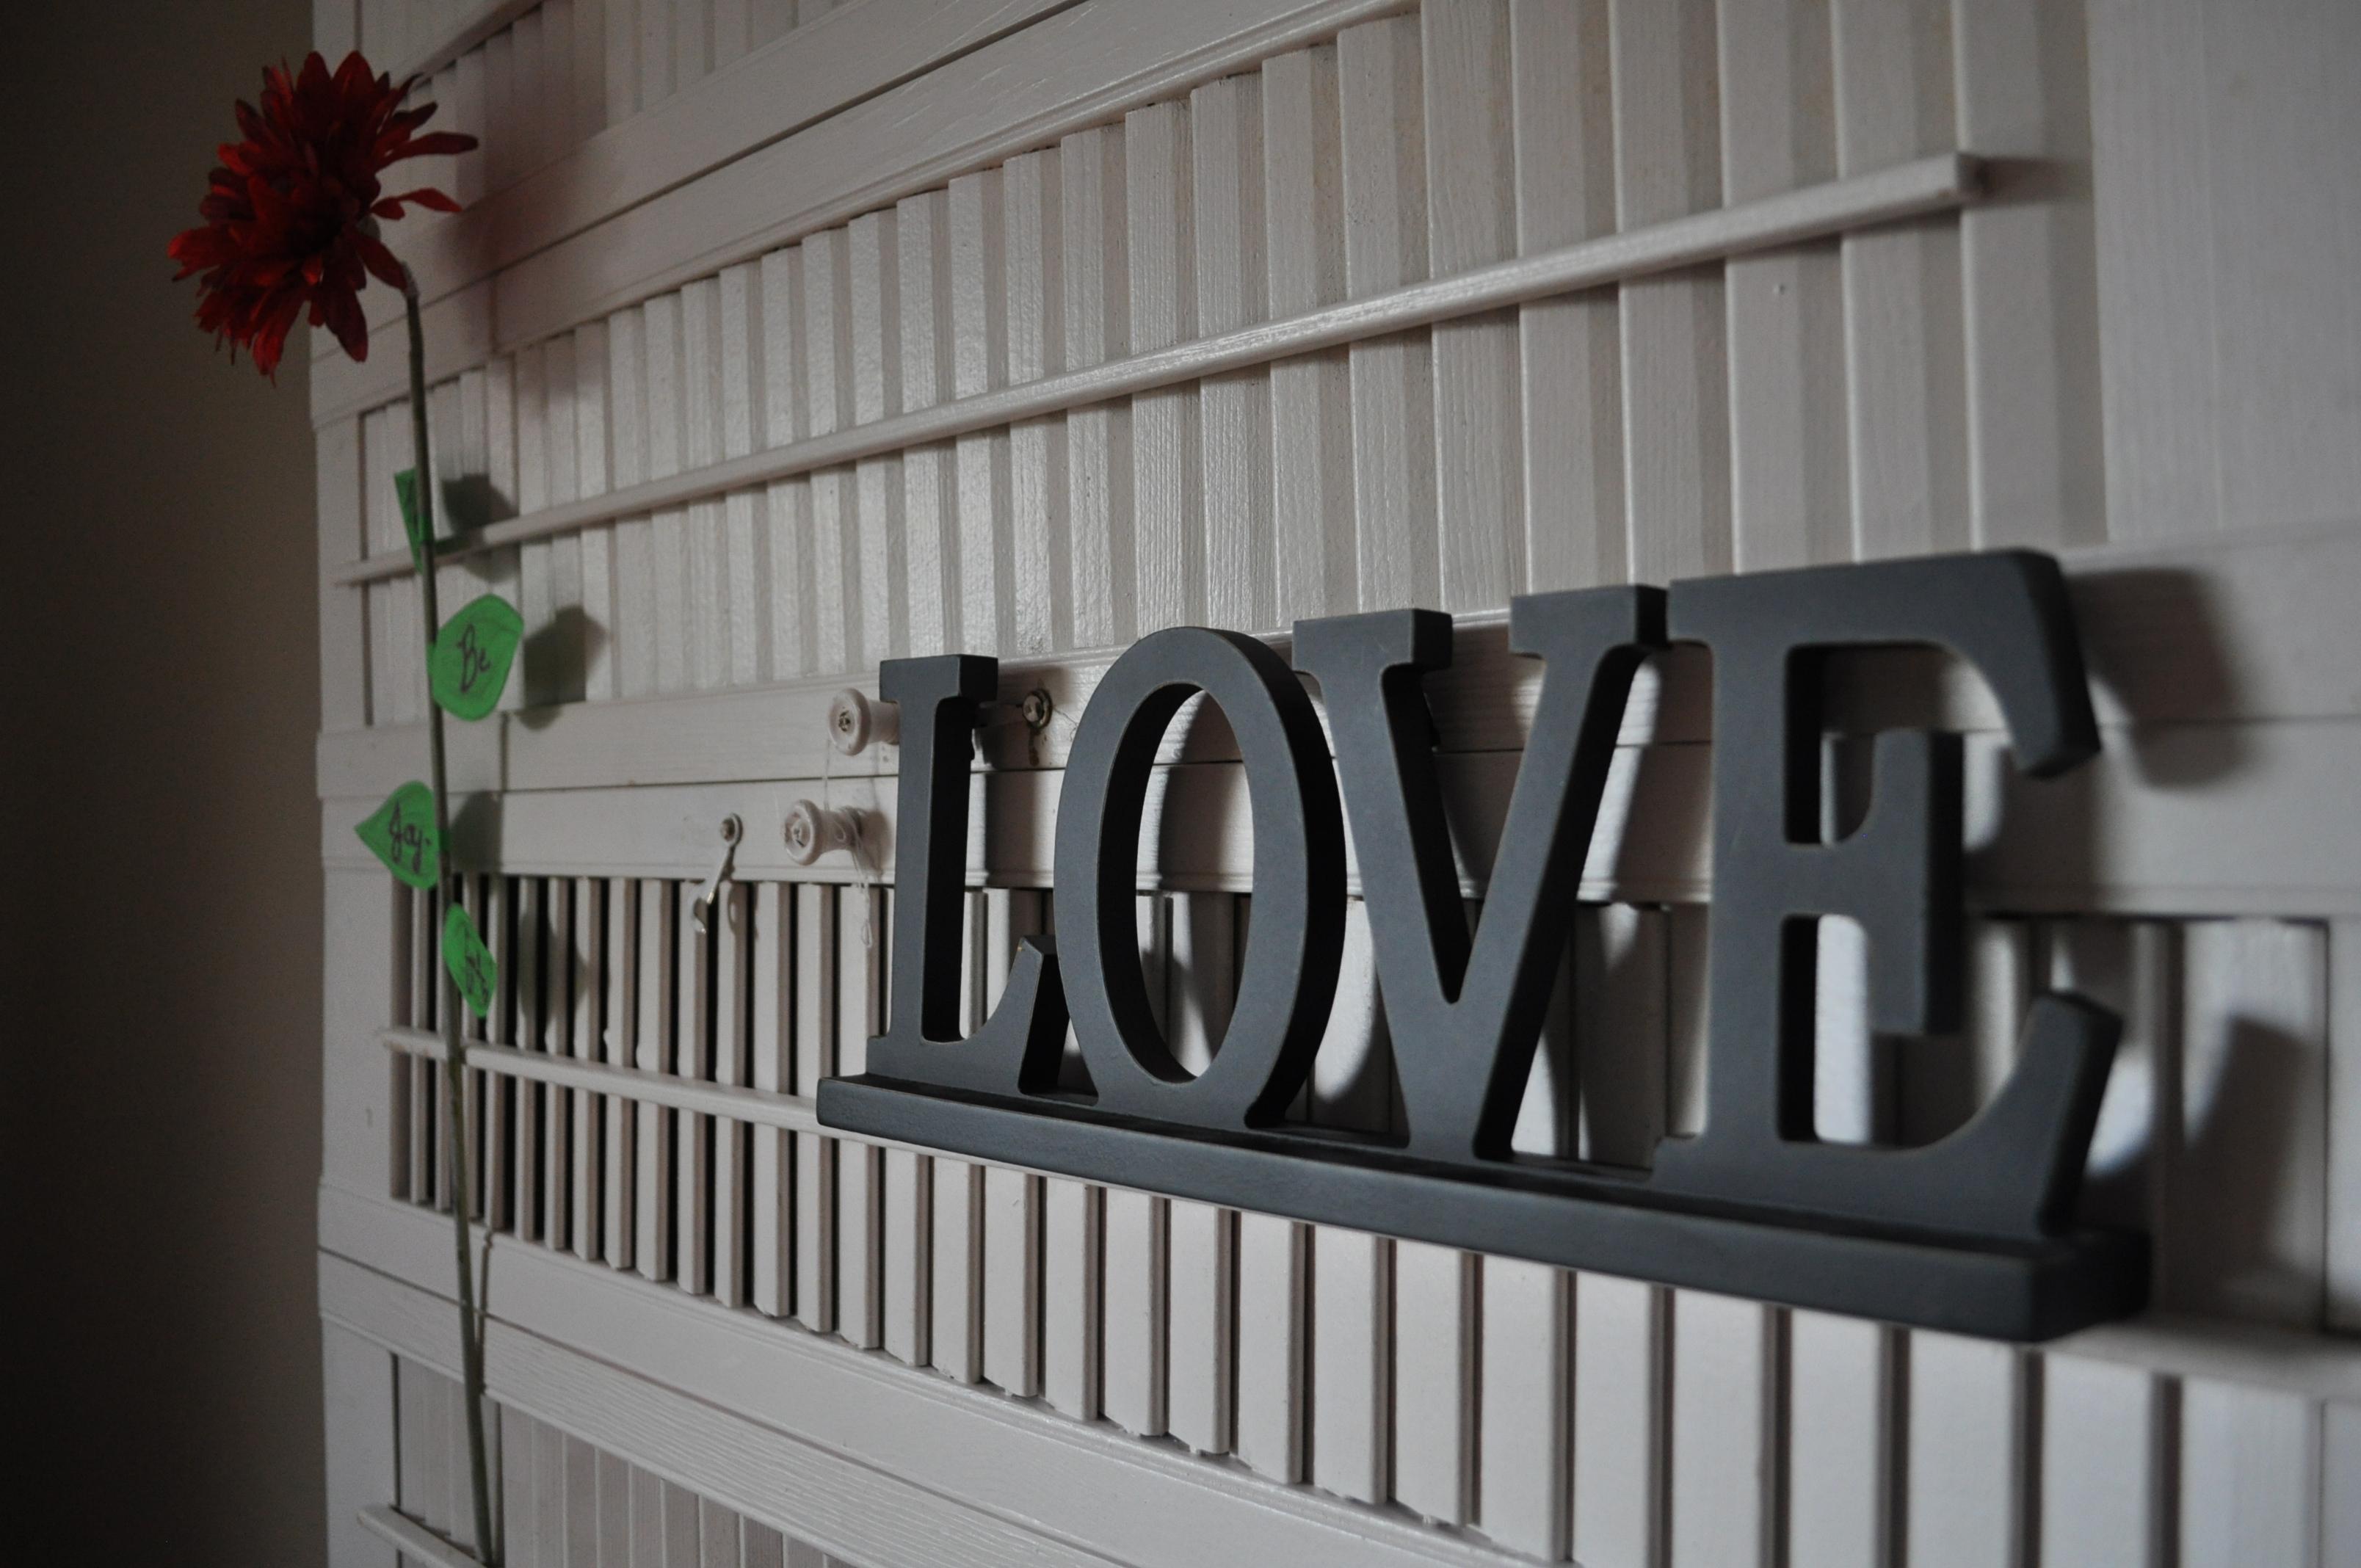 Wall Art For Living Room Diy Diy Living Room Part 2 Shutter Wall Art Joy Will Grow